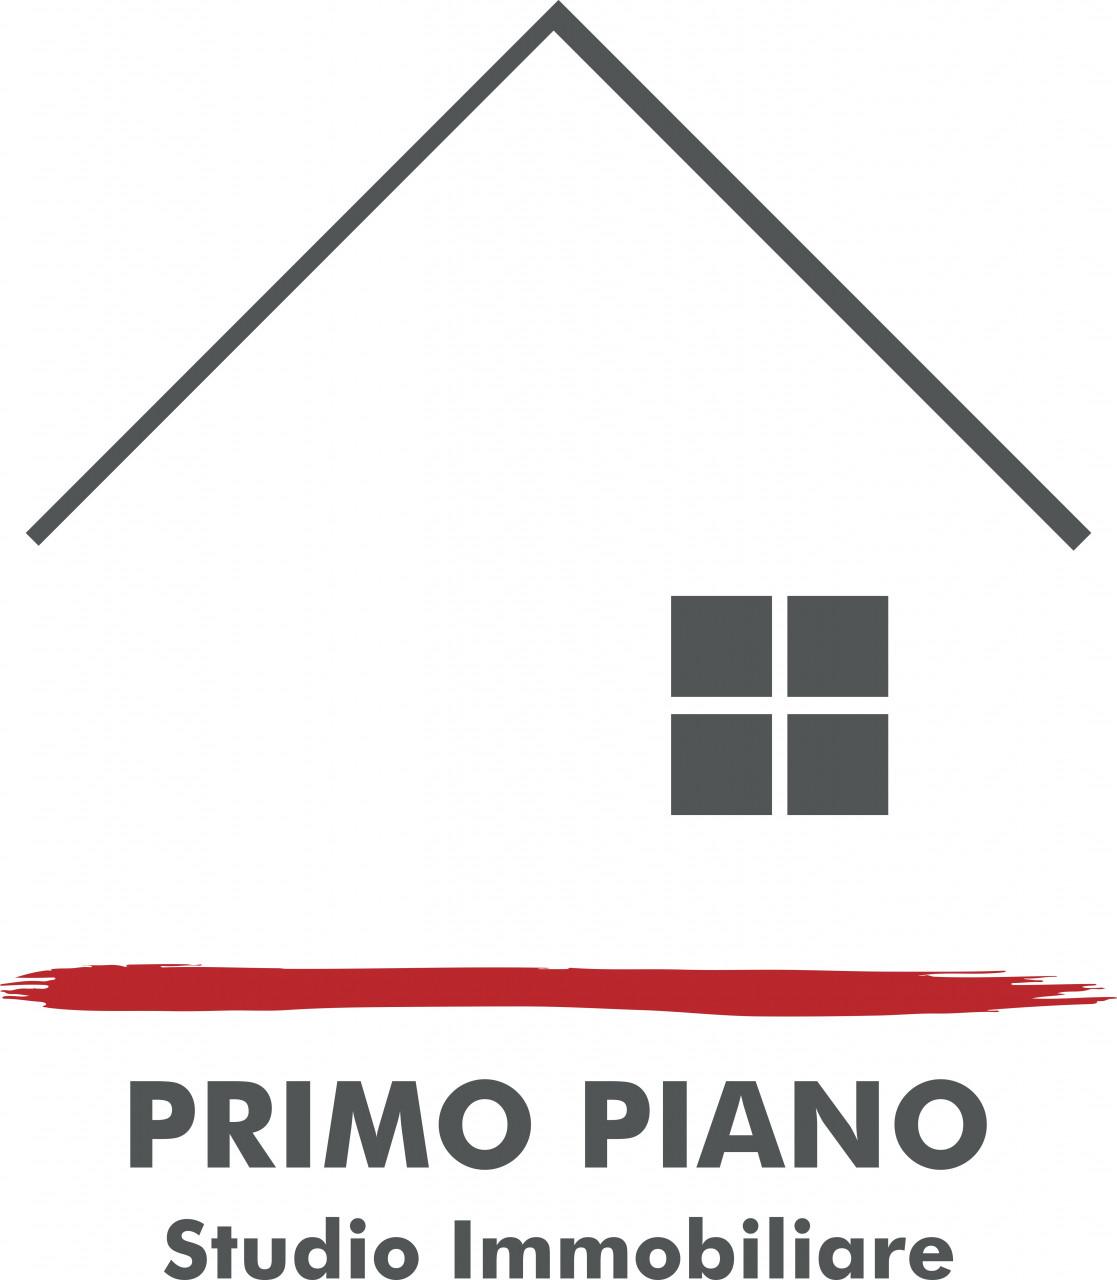 Studio Immobiliare PrimoPiano